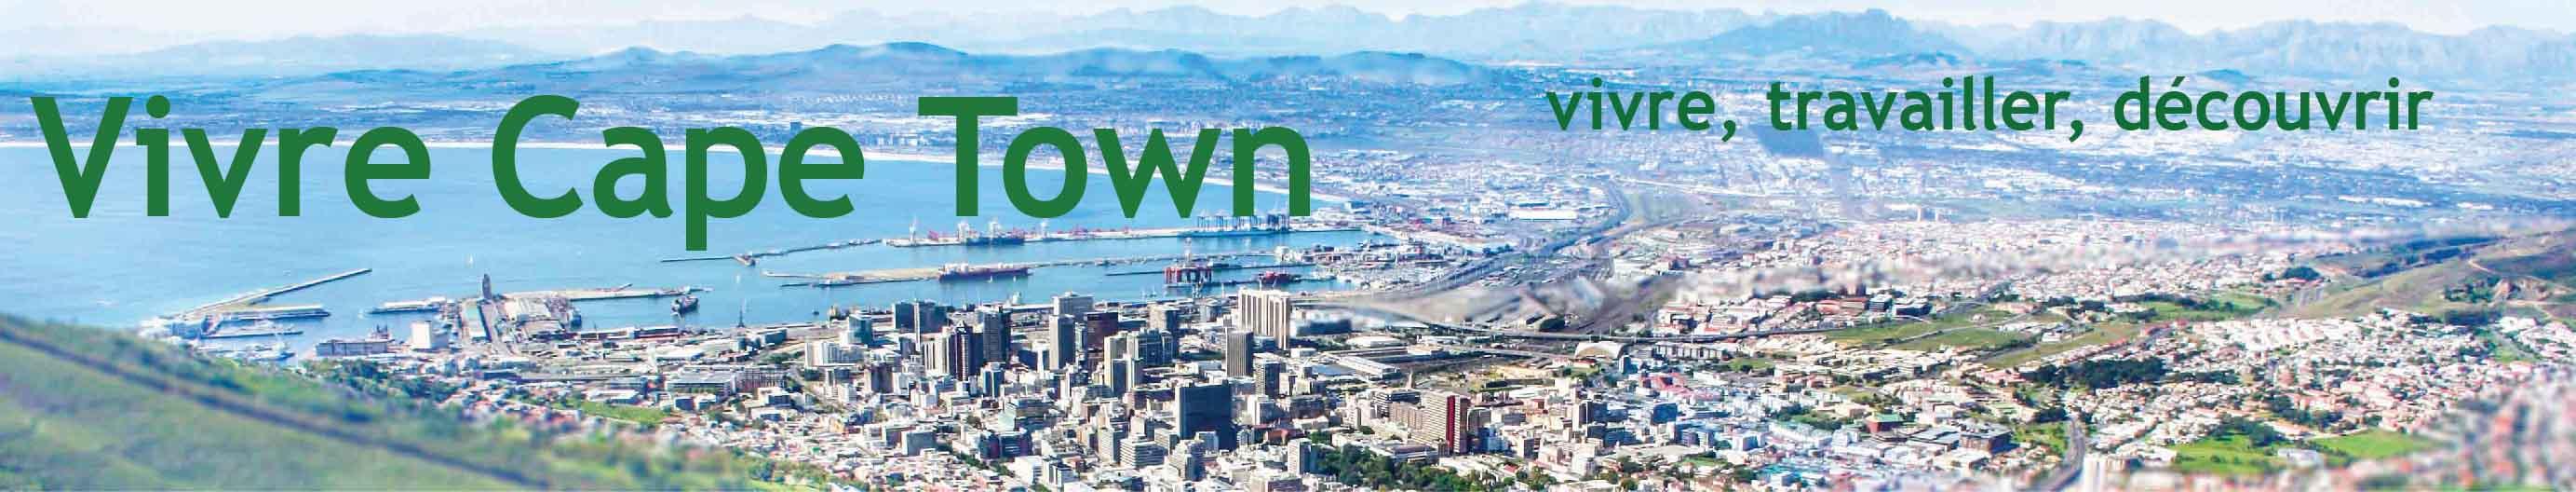 Vivre Cape Town